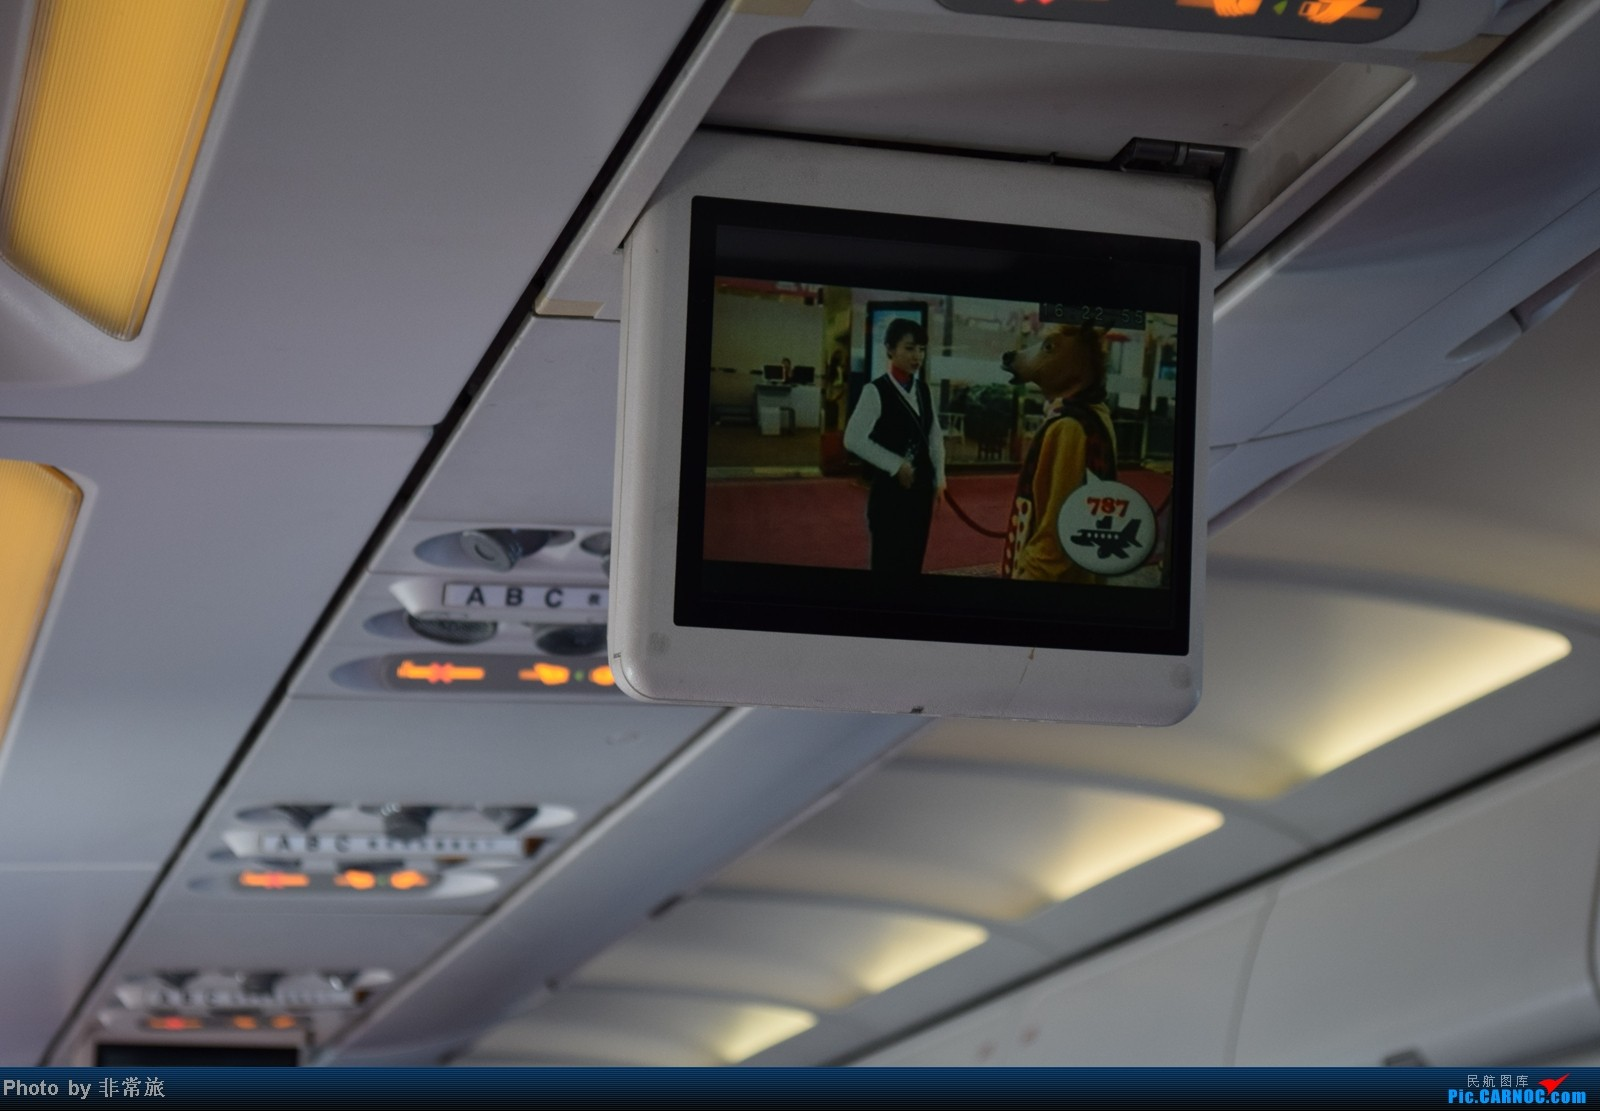 Re:[原创]大年三十除夕夜,三万英尺云霄间。 AIRBUS A321-200 B-2283